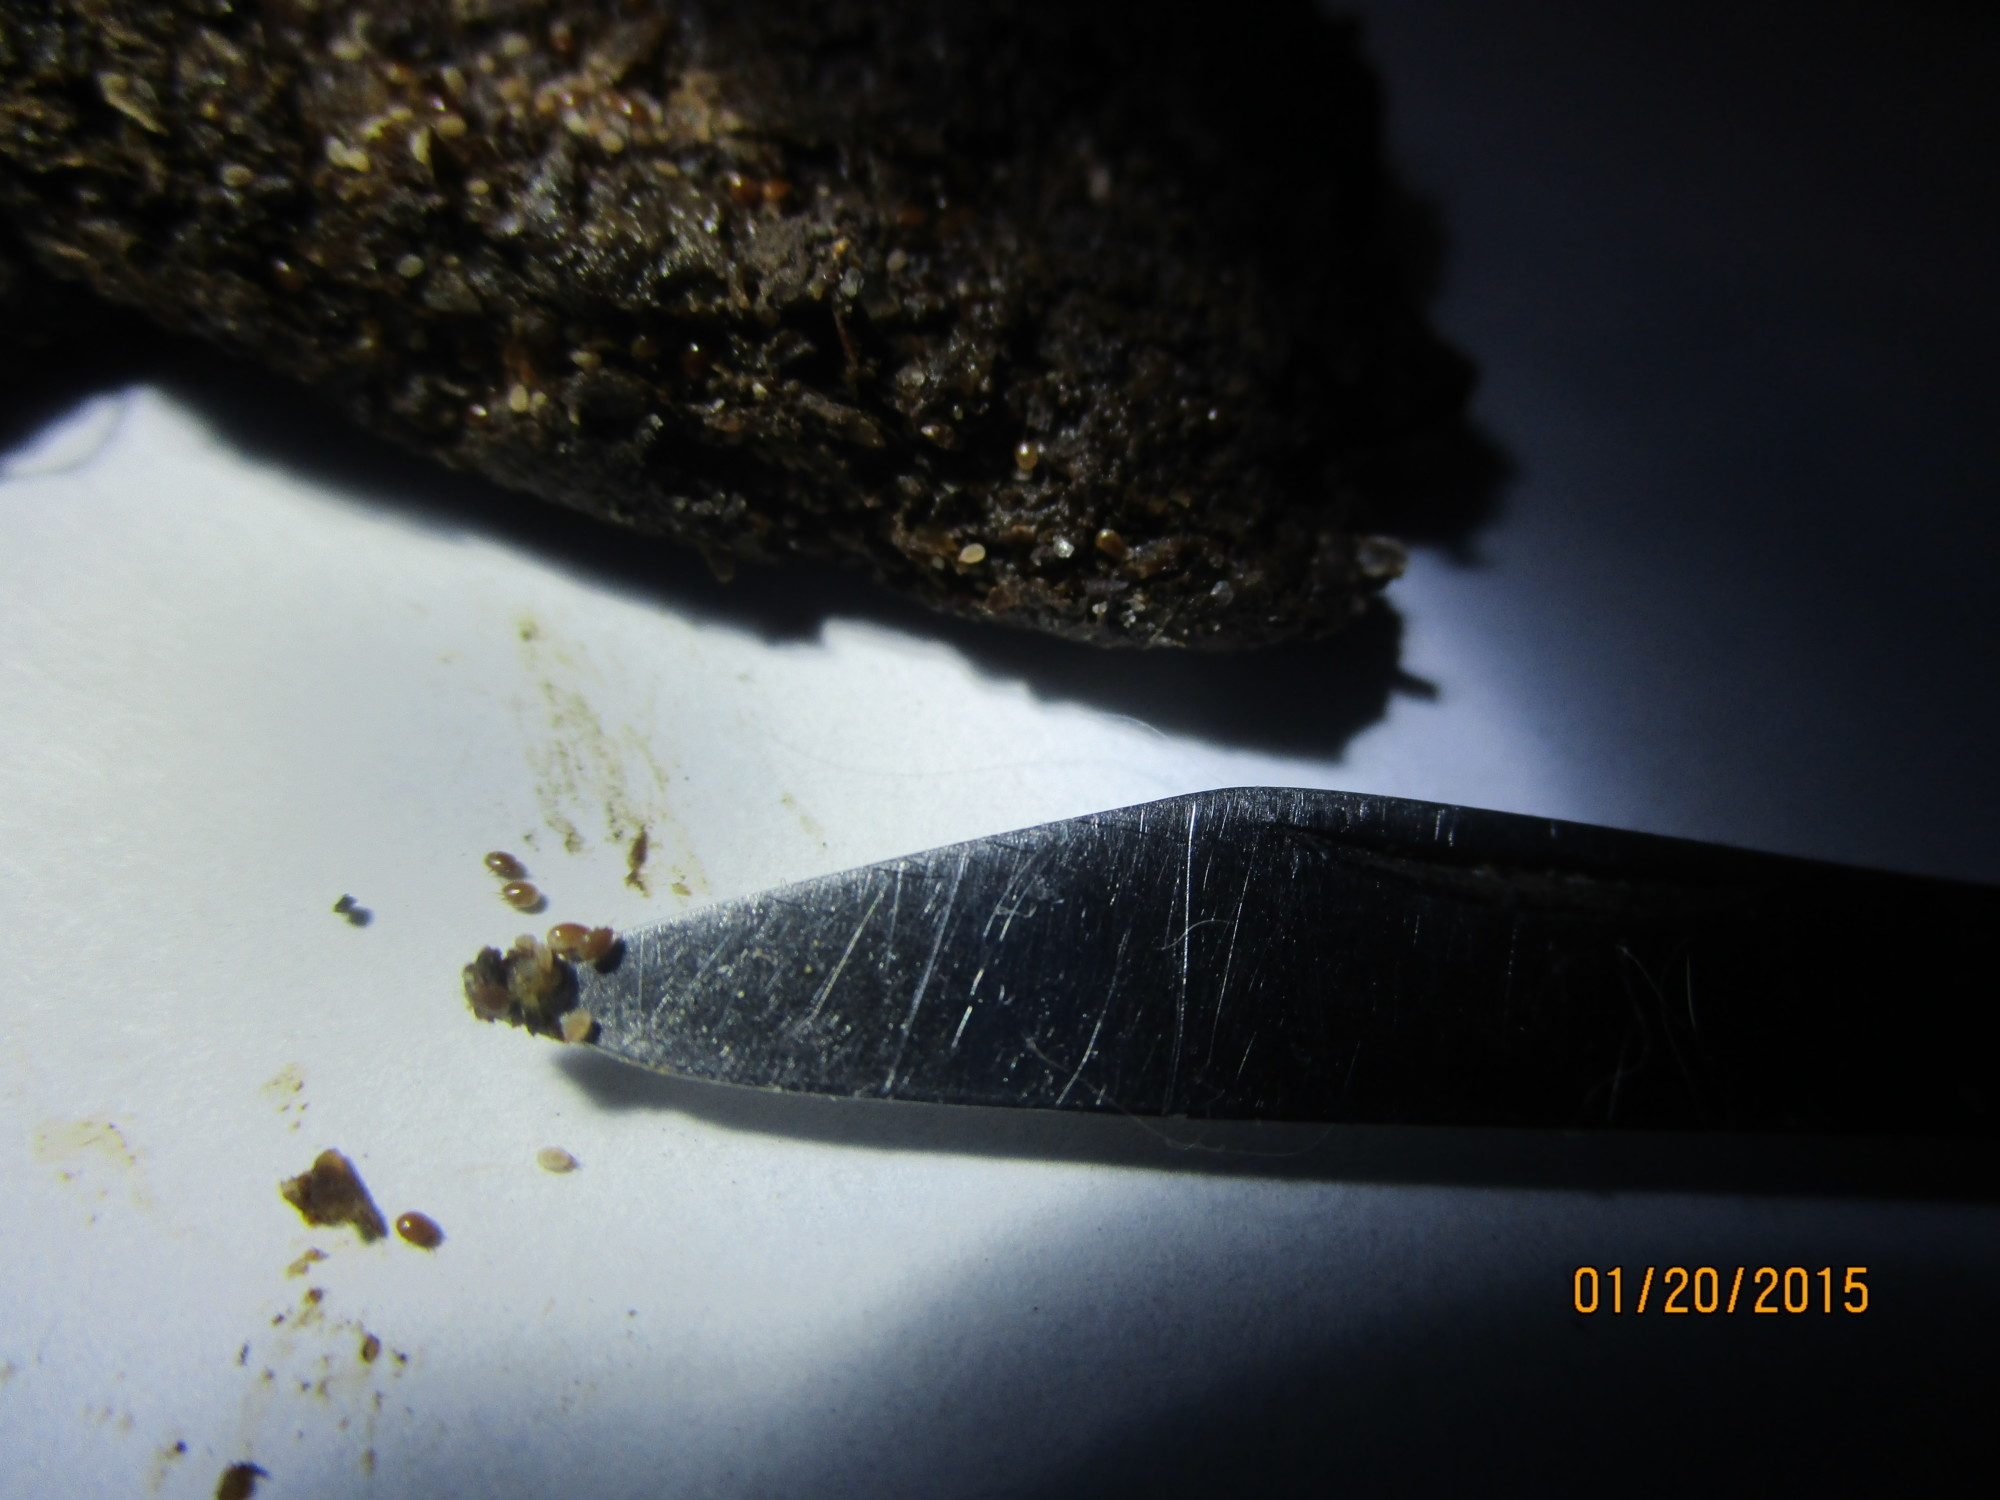 ramirezframing's photos in What type of bug?